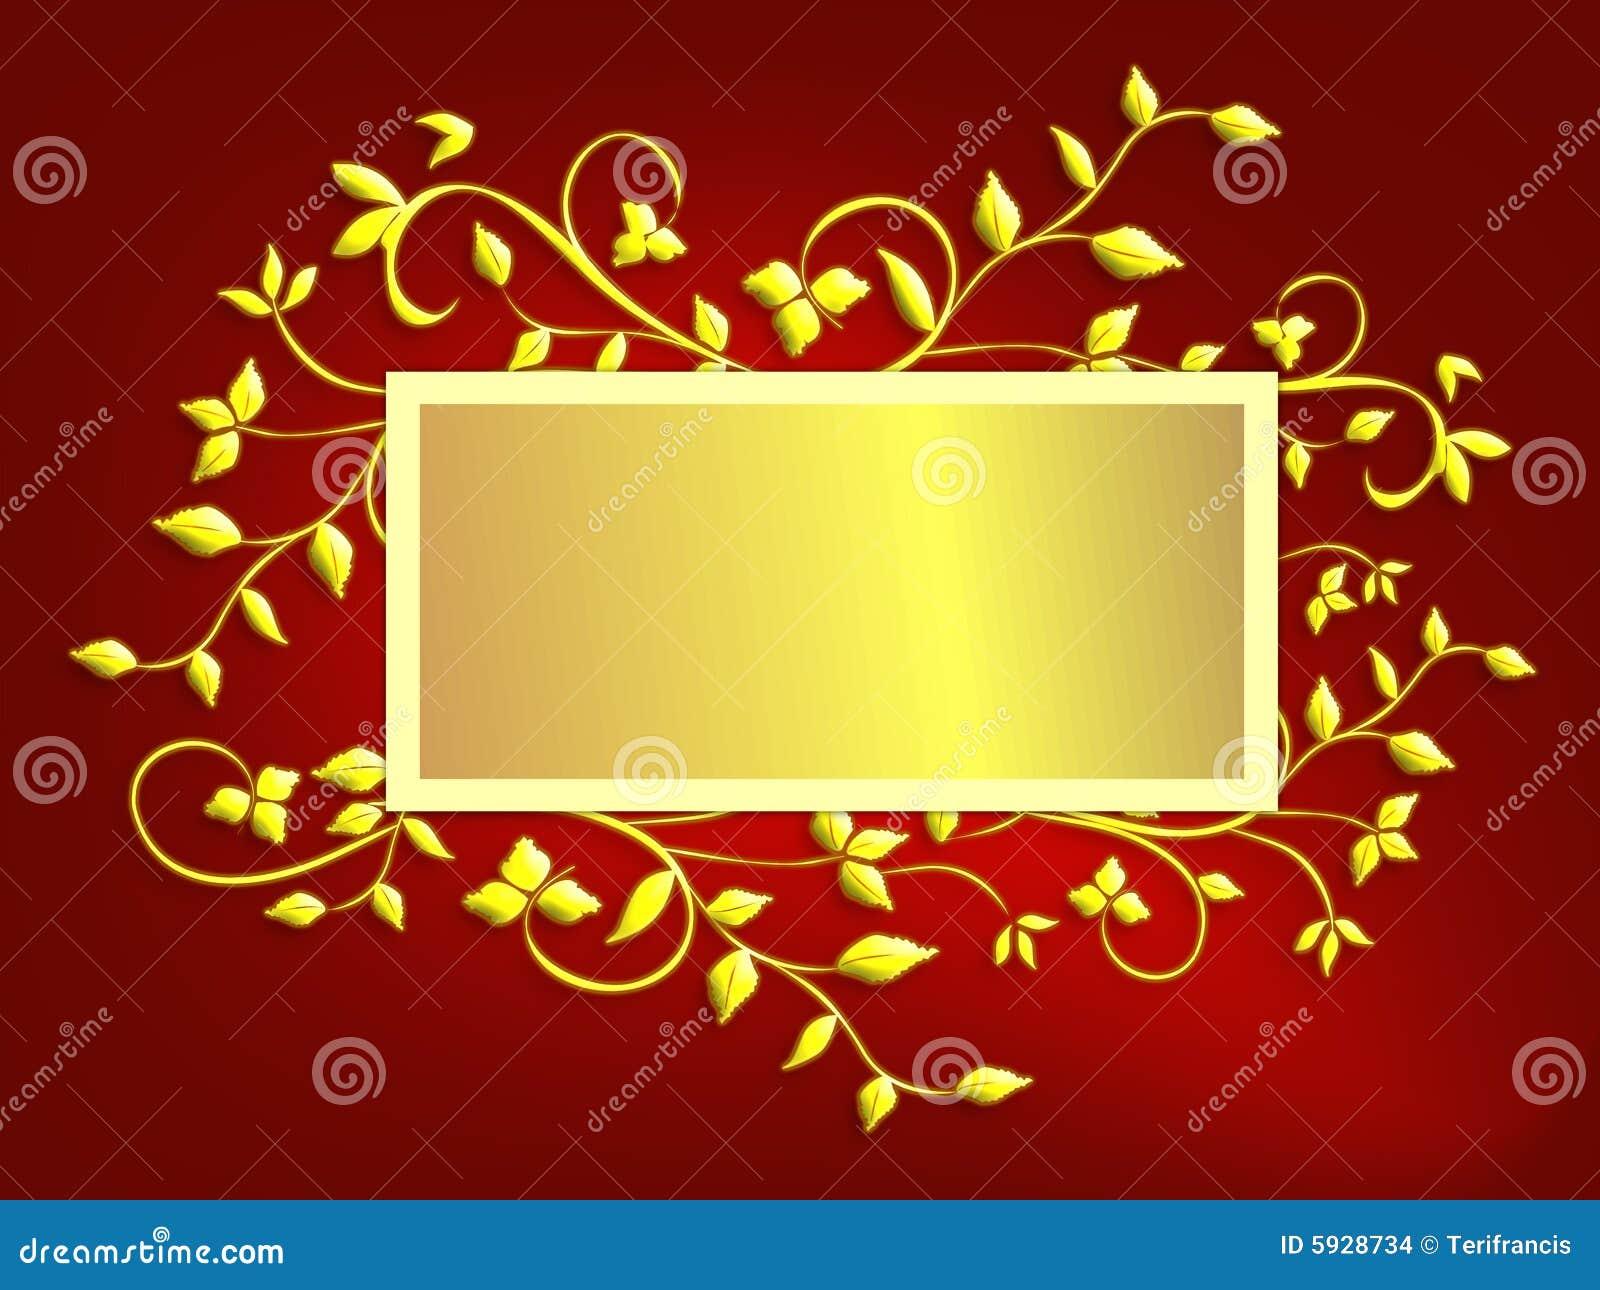 weihnachtskarten hintergrund rot und gold stock. Black Bedroom Furniture Sets. Home Design Ideas